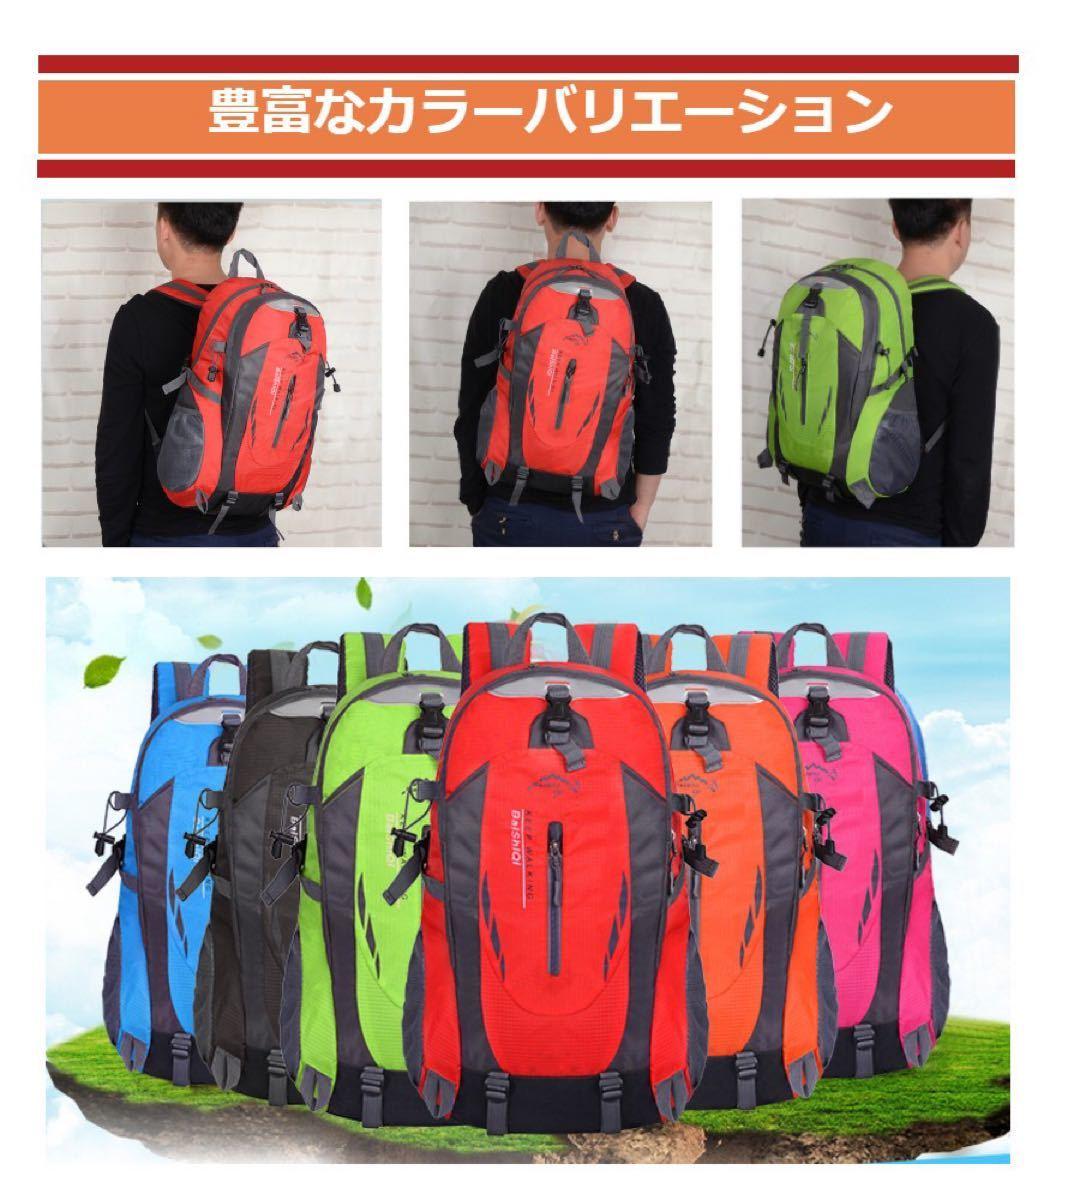 登山リュック 大容量 収納抜群 リュック バックパック 多機能男女兼用オレンジ色